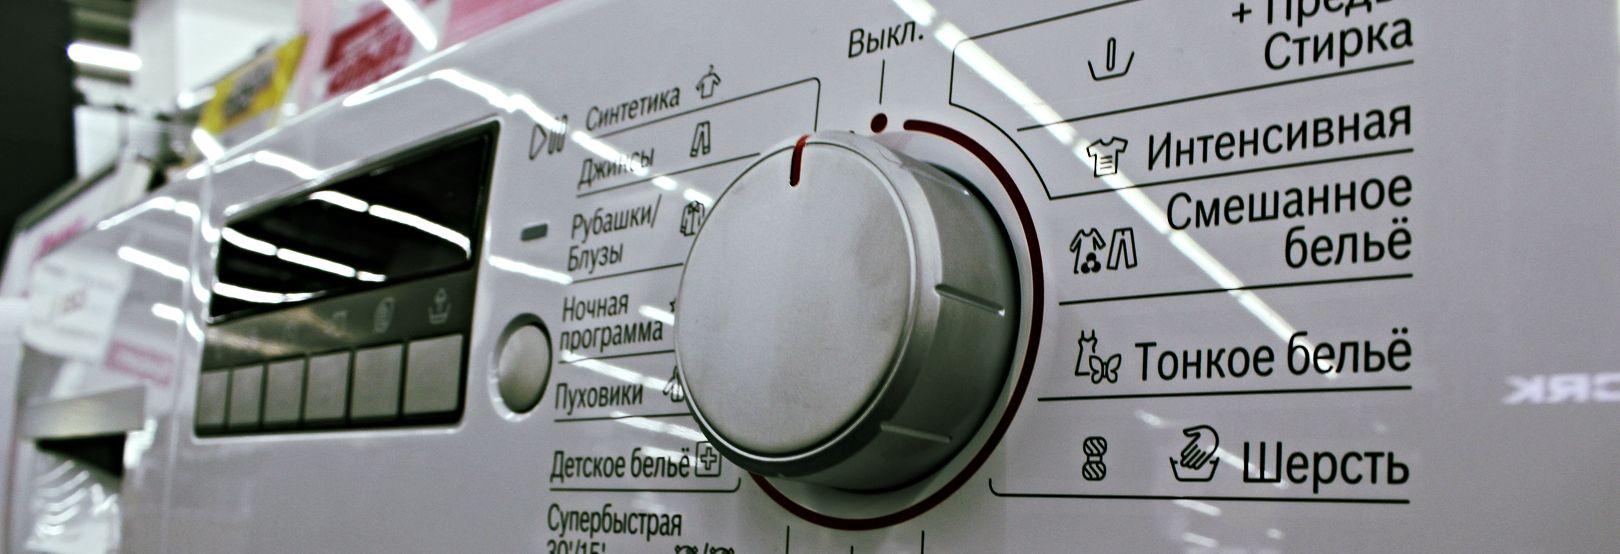 Ремонт стиральных машин bosch: запчасти для bosch maxx 5 и других машин, устранение неисправностей на дому своими руками, ремонт инвертора машины